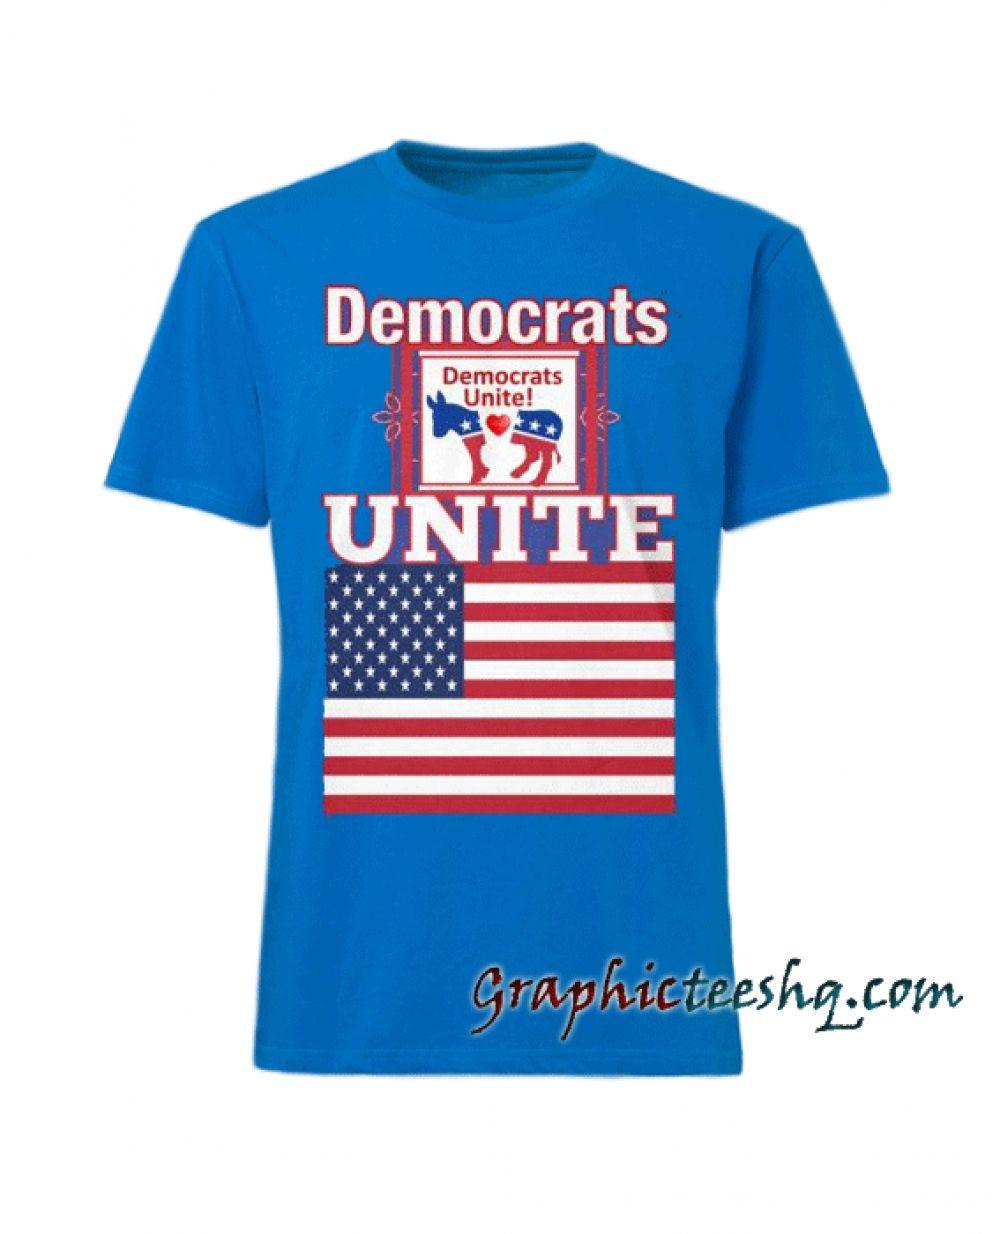 a75b547b Democrats Unite Deep Royal Tee Shirt Price: 13.50 #style #fashion #tshirts #